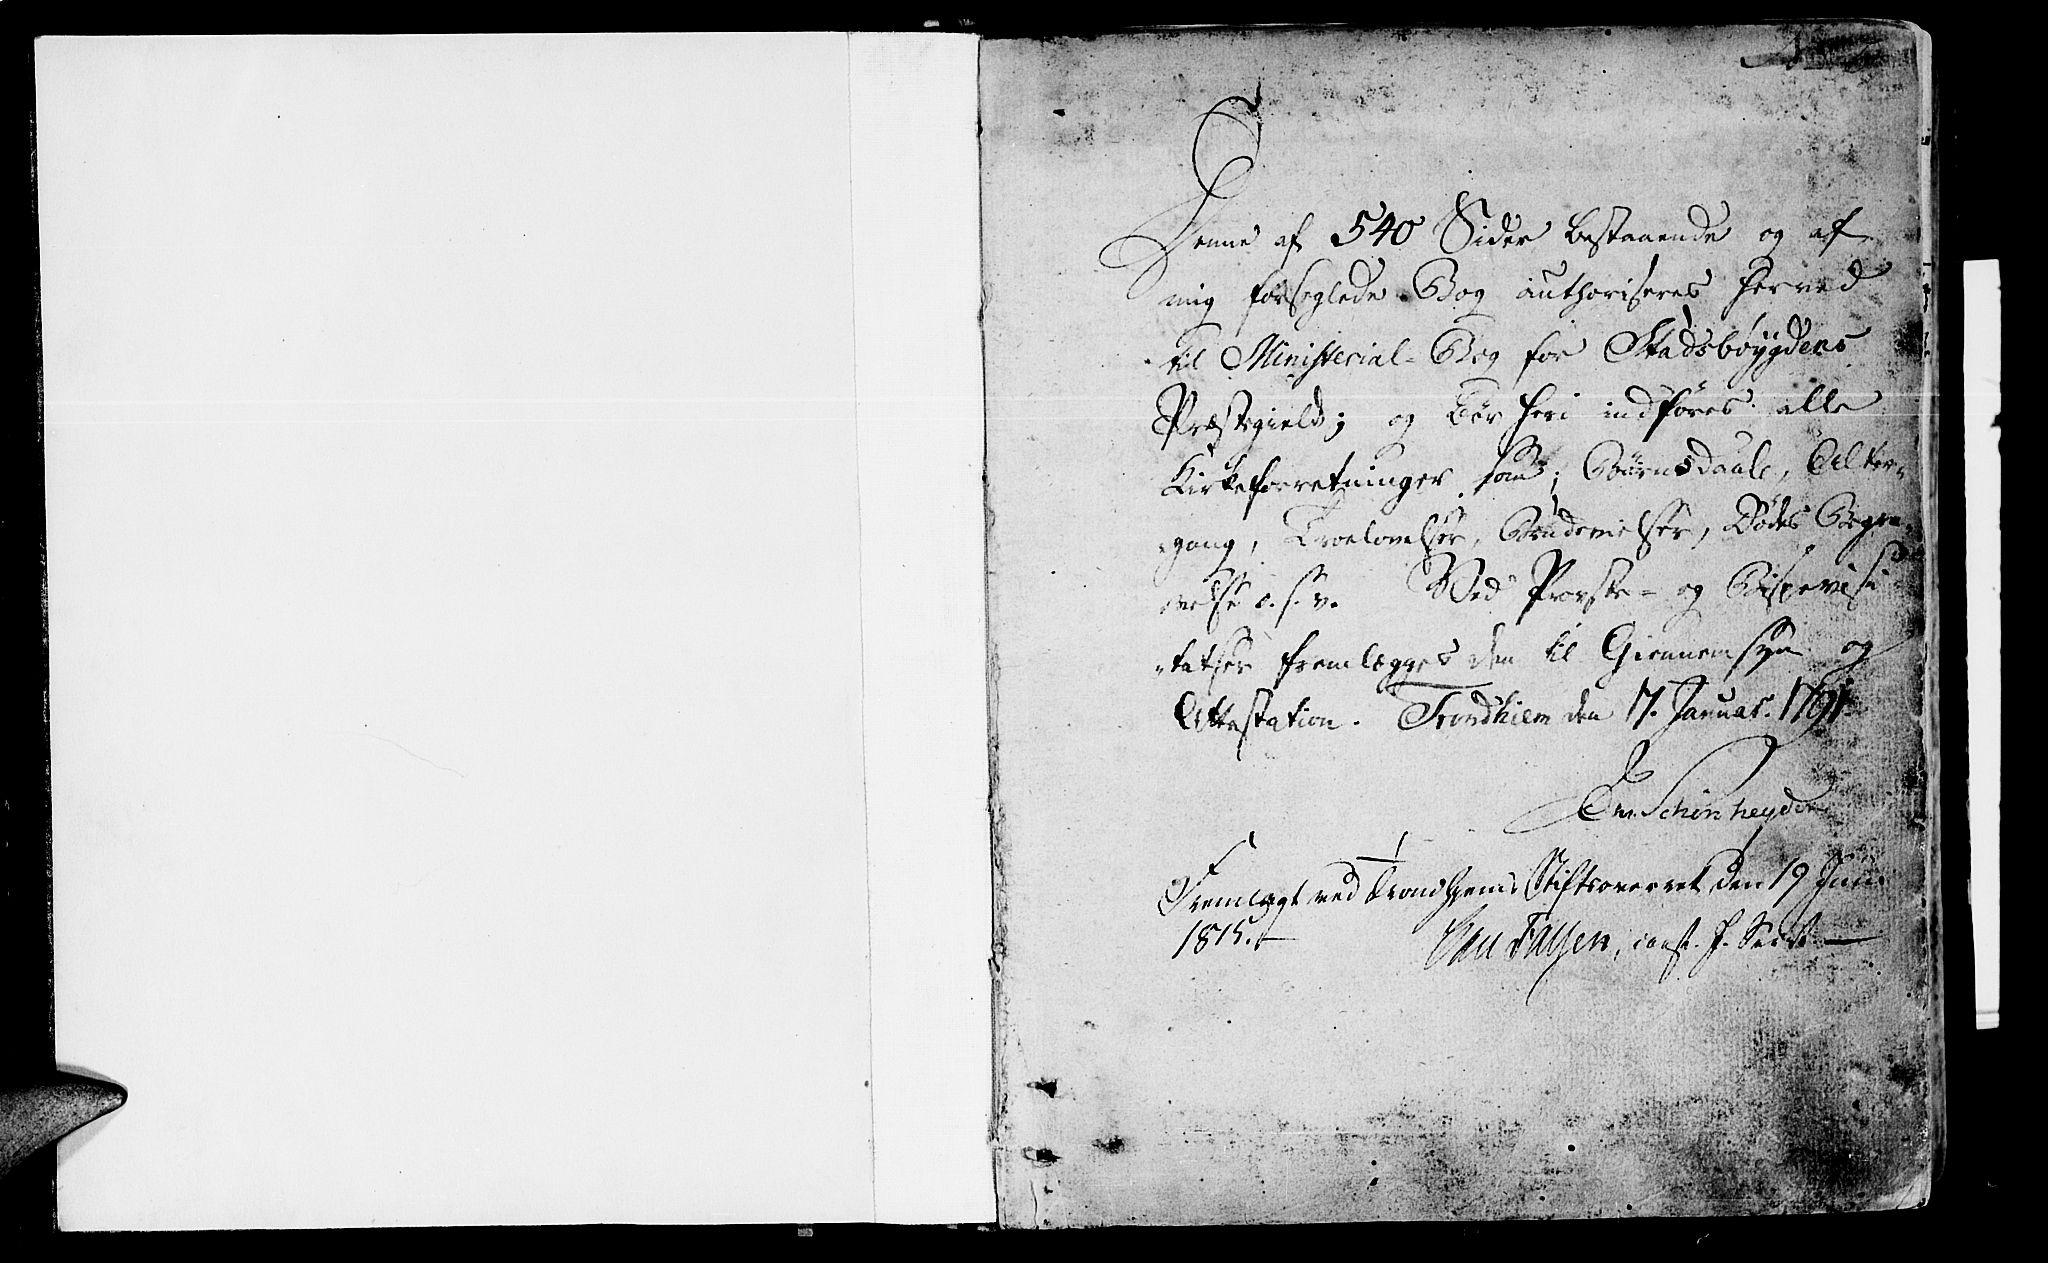 SAT, Ministerialprotokoller, klokkerbøker og fødselsregistre - Sør-Trøndelag, 646/L0606: Ministerialbok nr. 646A04, 1791-1805, s. 0-1